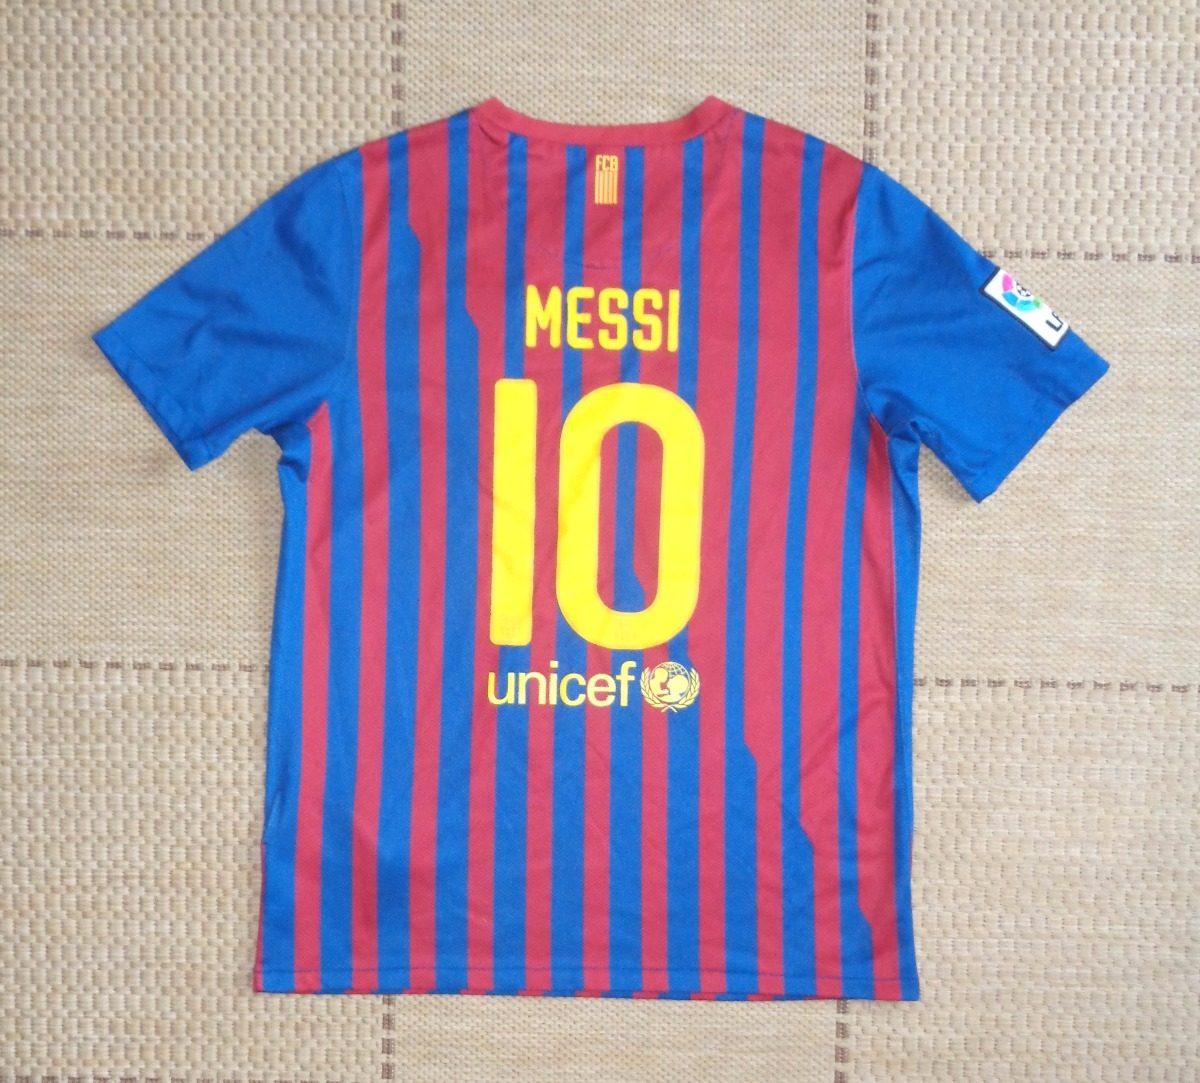 camisa original barcelona 2011 2012 home  10 messi. Carregando zoom. b8613d3bd6379